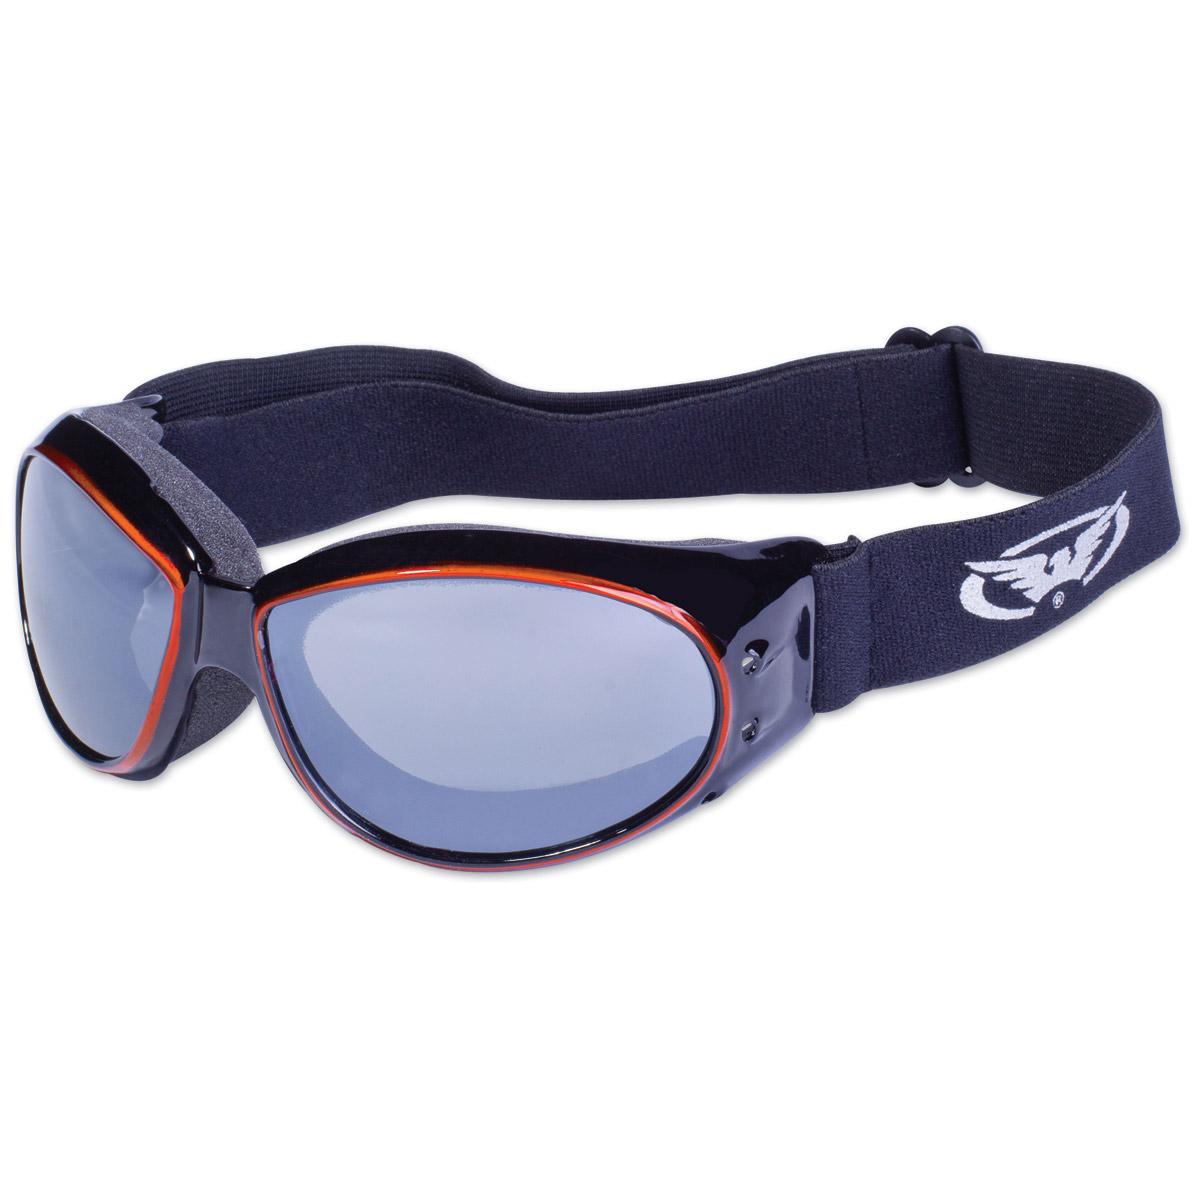 Global Vision Eyewear Eliminator CF Black/Orange Frame Goggles w/Smoke Lens